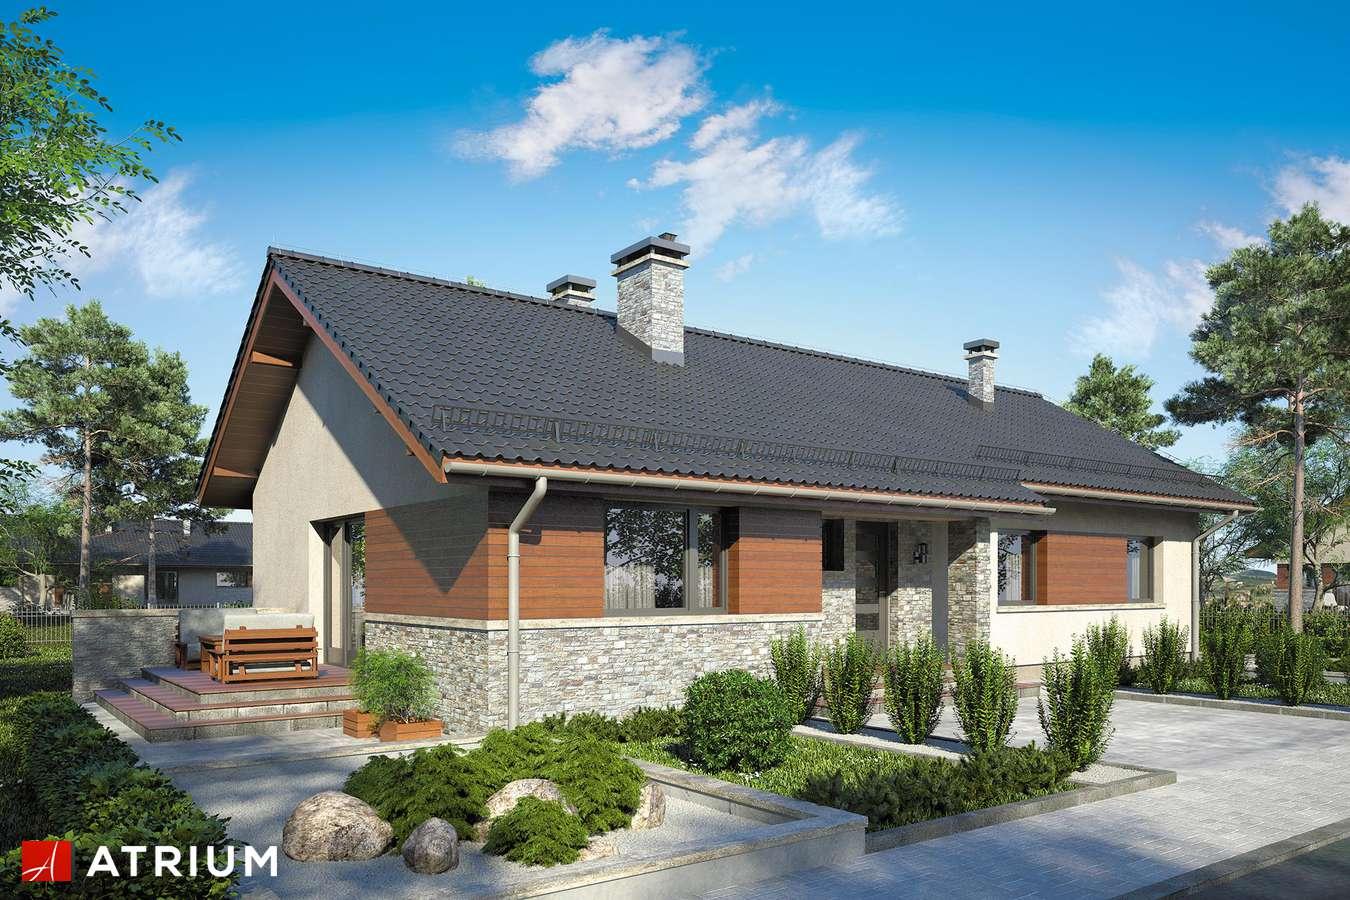 Projekty domów - Projekt domu parterowego NEVADA II - wizualizacja 1 - wersja lustrzana